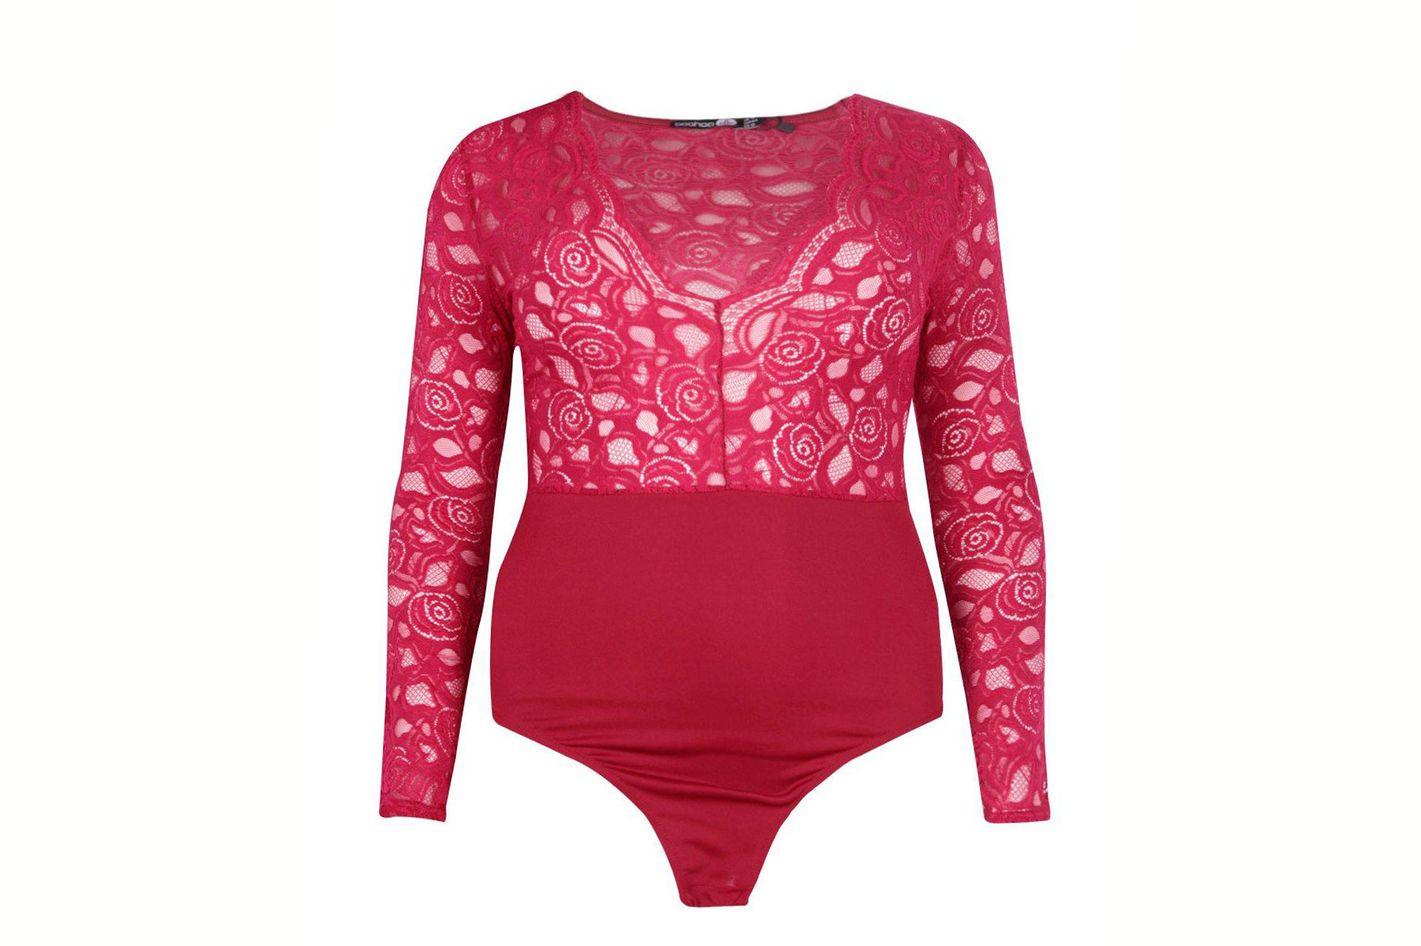 Plus Lucia Plunge V Neck Lace Bodysuit